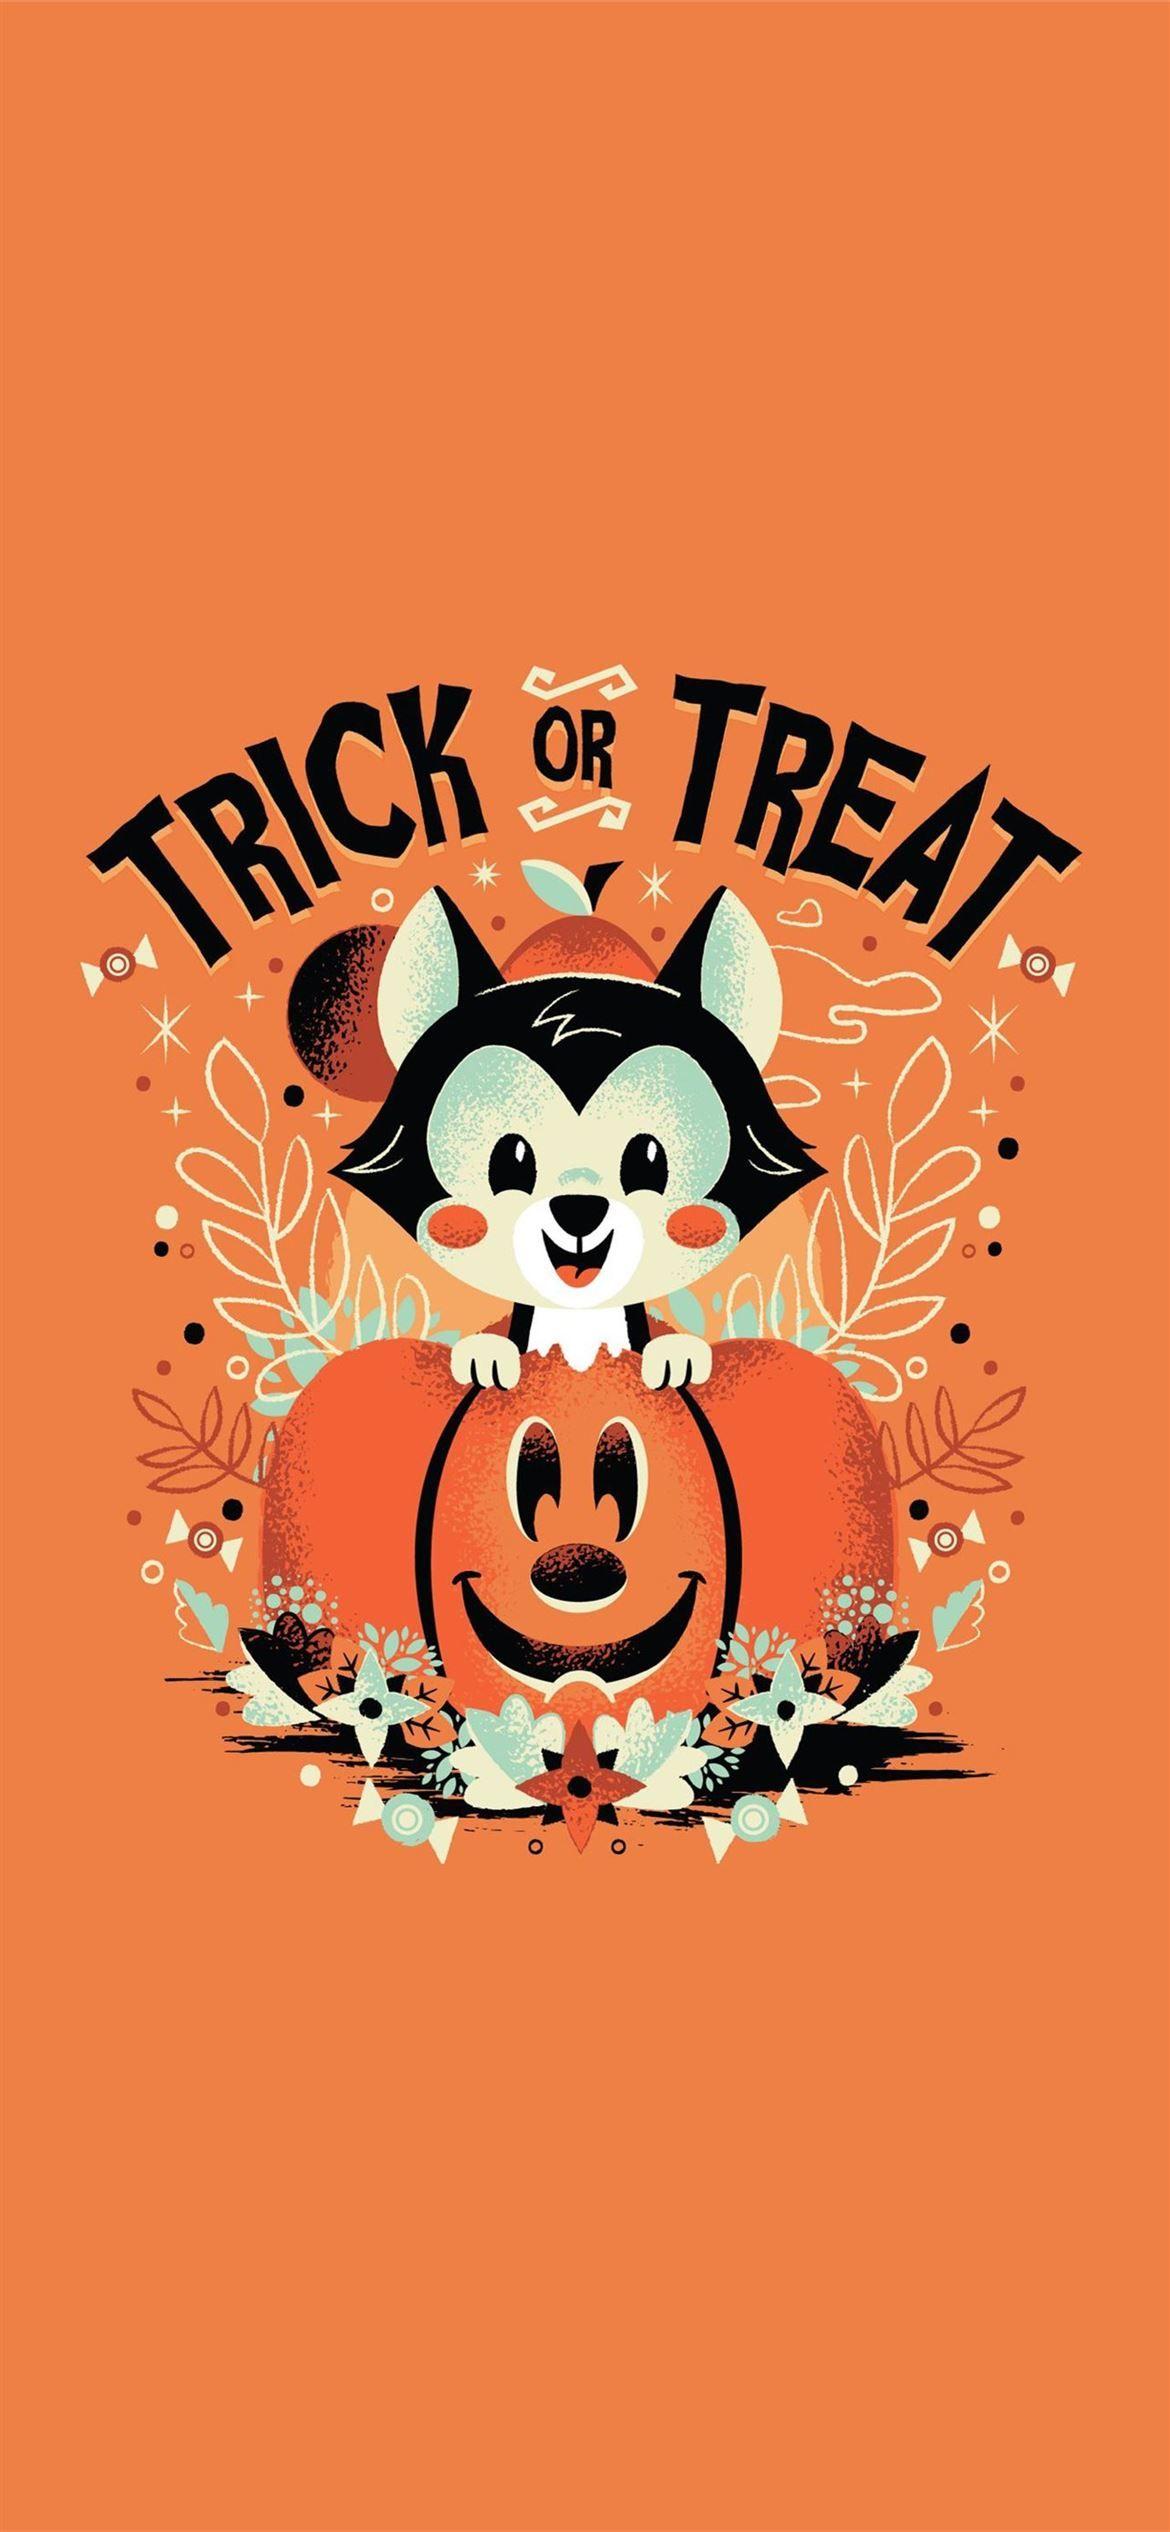 Halloween Iphone Halloween Trends Dog Wallpaper Iphone Halloween Wallpaper Halloween Wallpaper Iphone